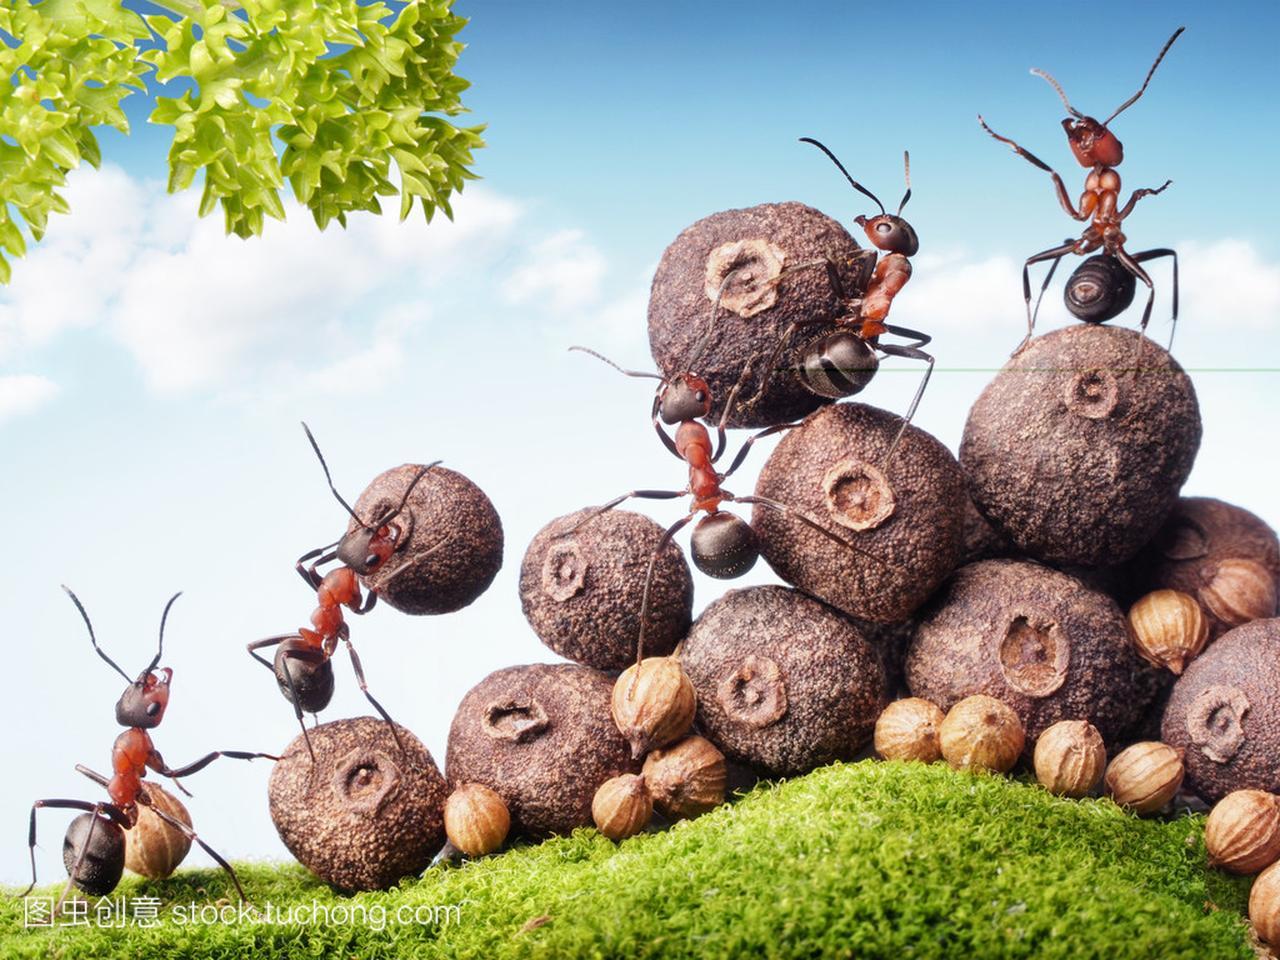 迅雷蚂蚁种子驴_中幼迅雷下载蚂蚁特福力红蜘蛛图片